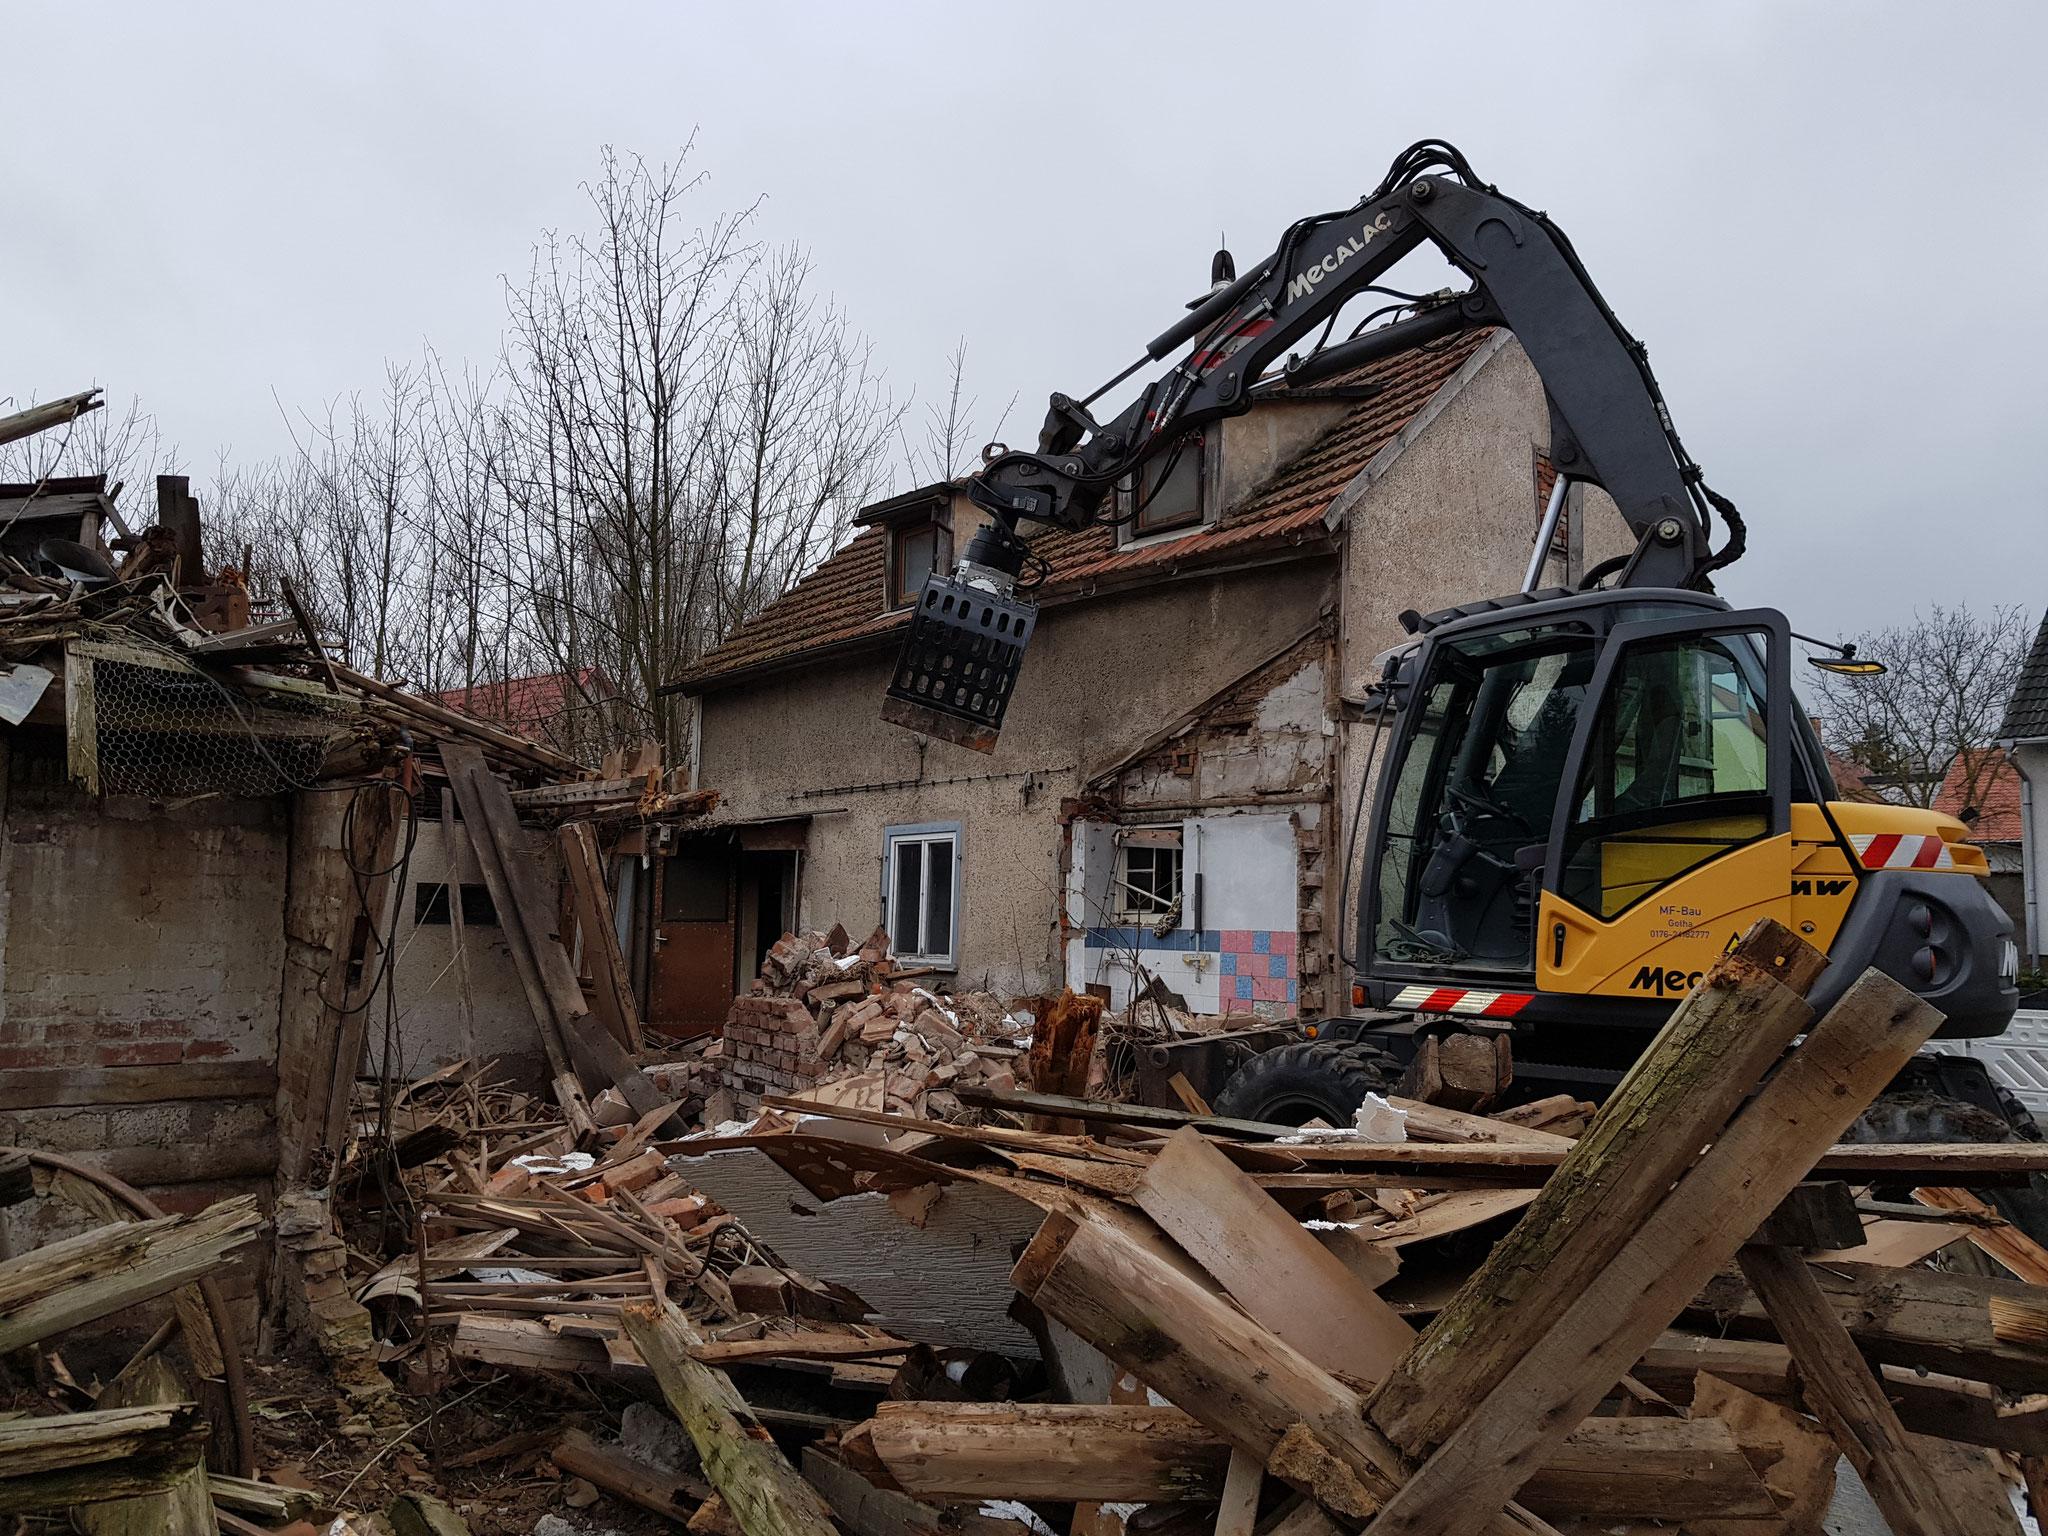 Abriss von Bausubstanz in direkter Nähe zu Nachbargebäuden? Kein Problem für uns.